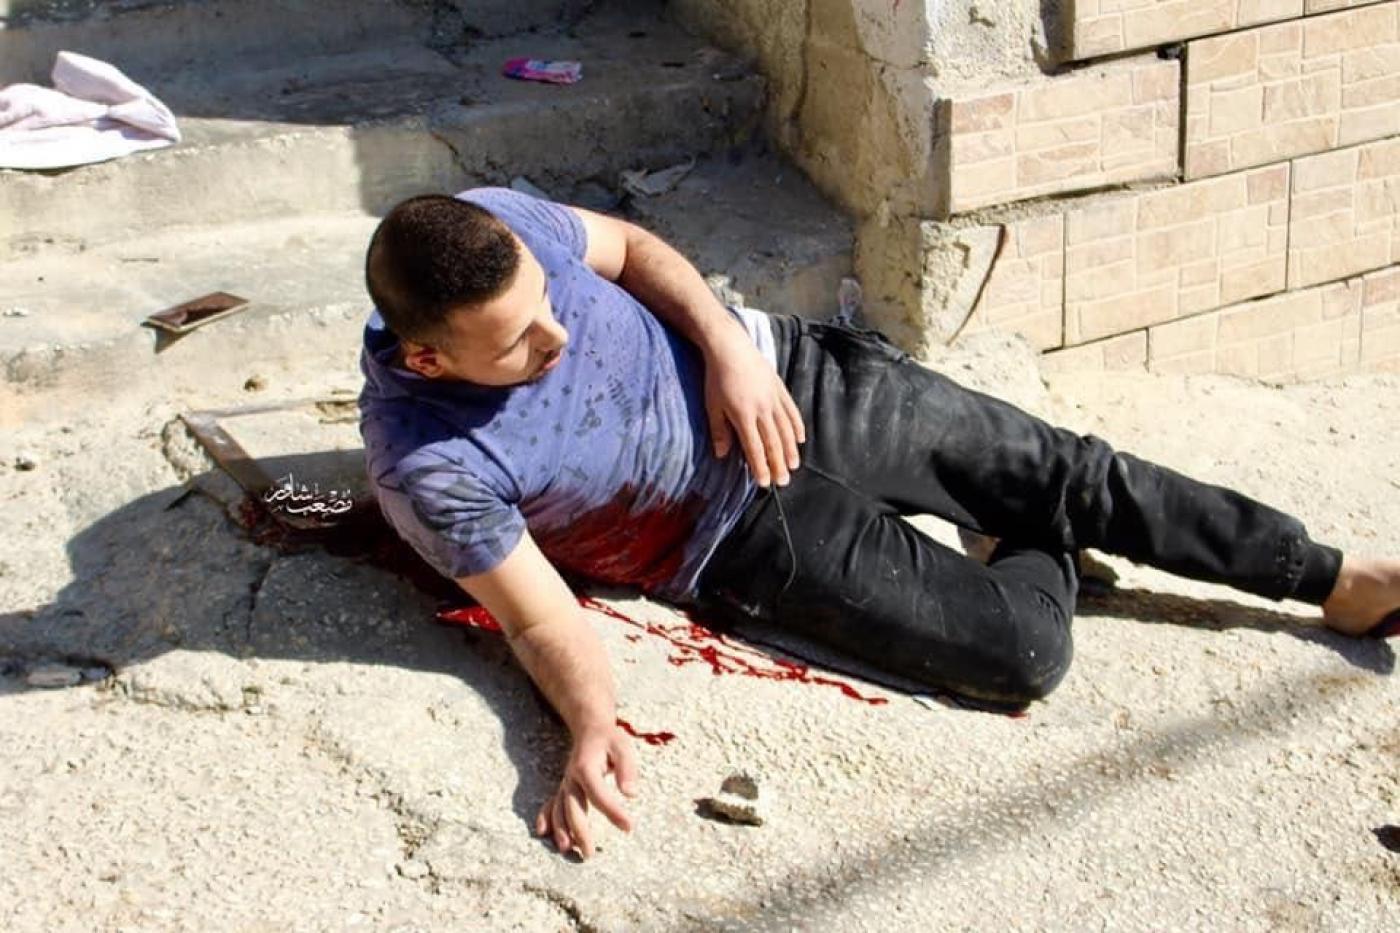 الشاب الفلسطيني الذي استشهد برصاص قوات الاحتلال في الخليل